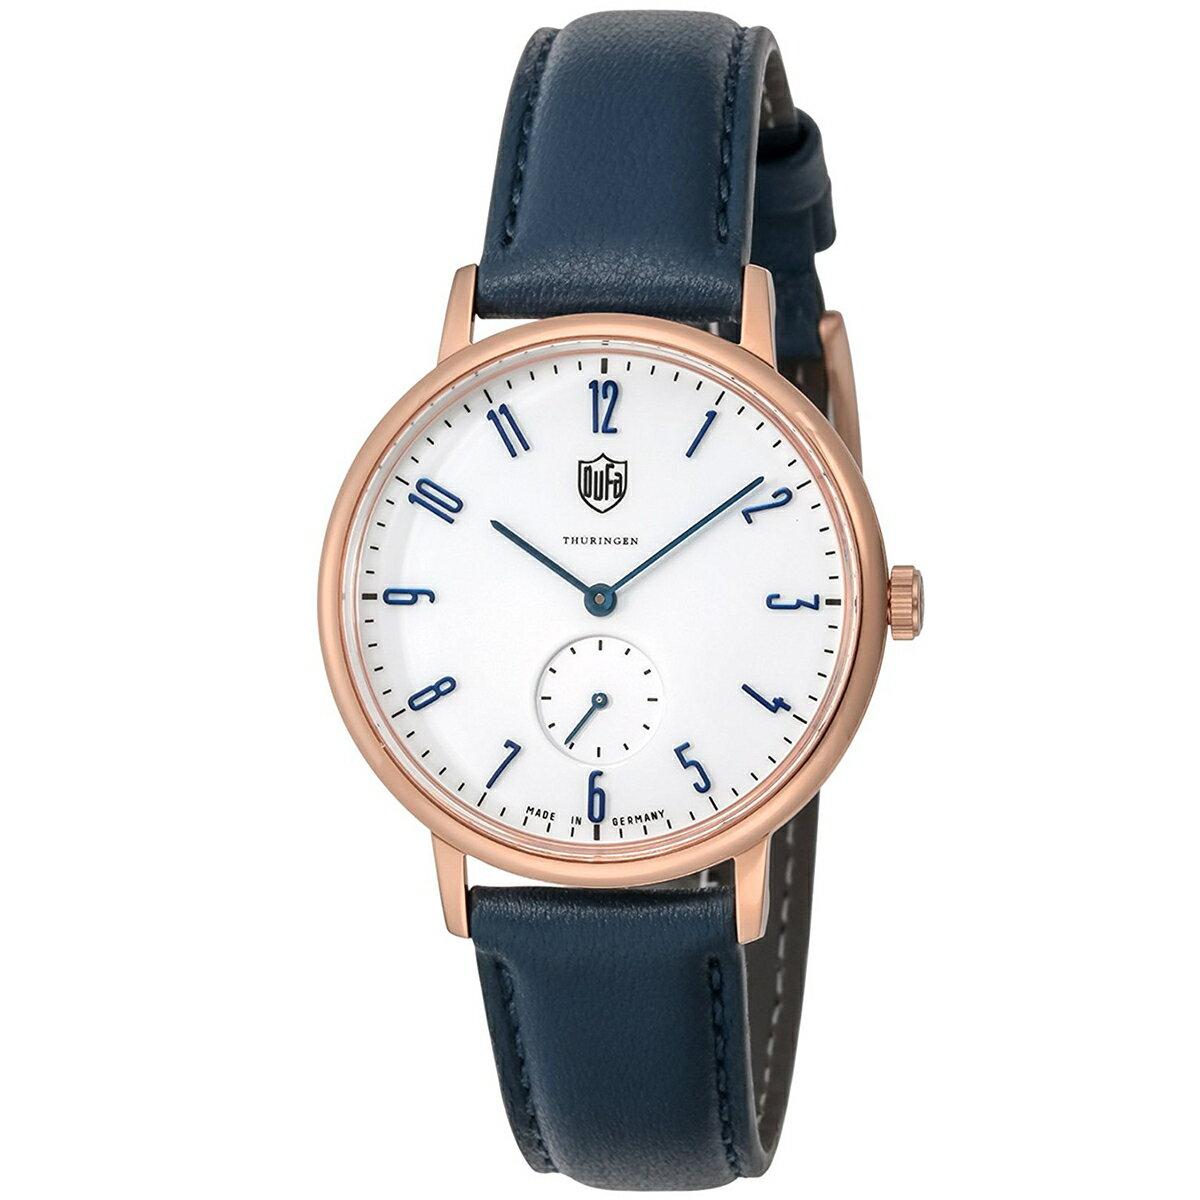 DUFA ドゥッファ DF-9001-0L GROPIUS メンズ 時計 腕時計 プレゼント 贈り物 ギフト ドイツ バウハウス [海外正規商品][送料無料][あす楽]